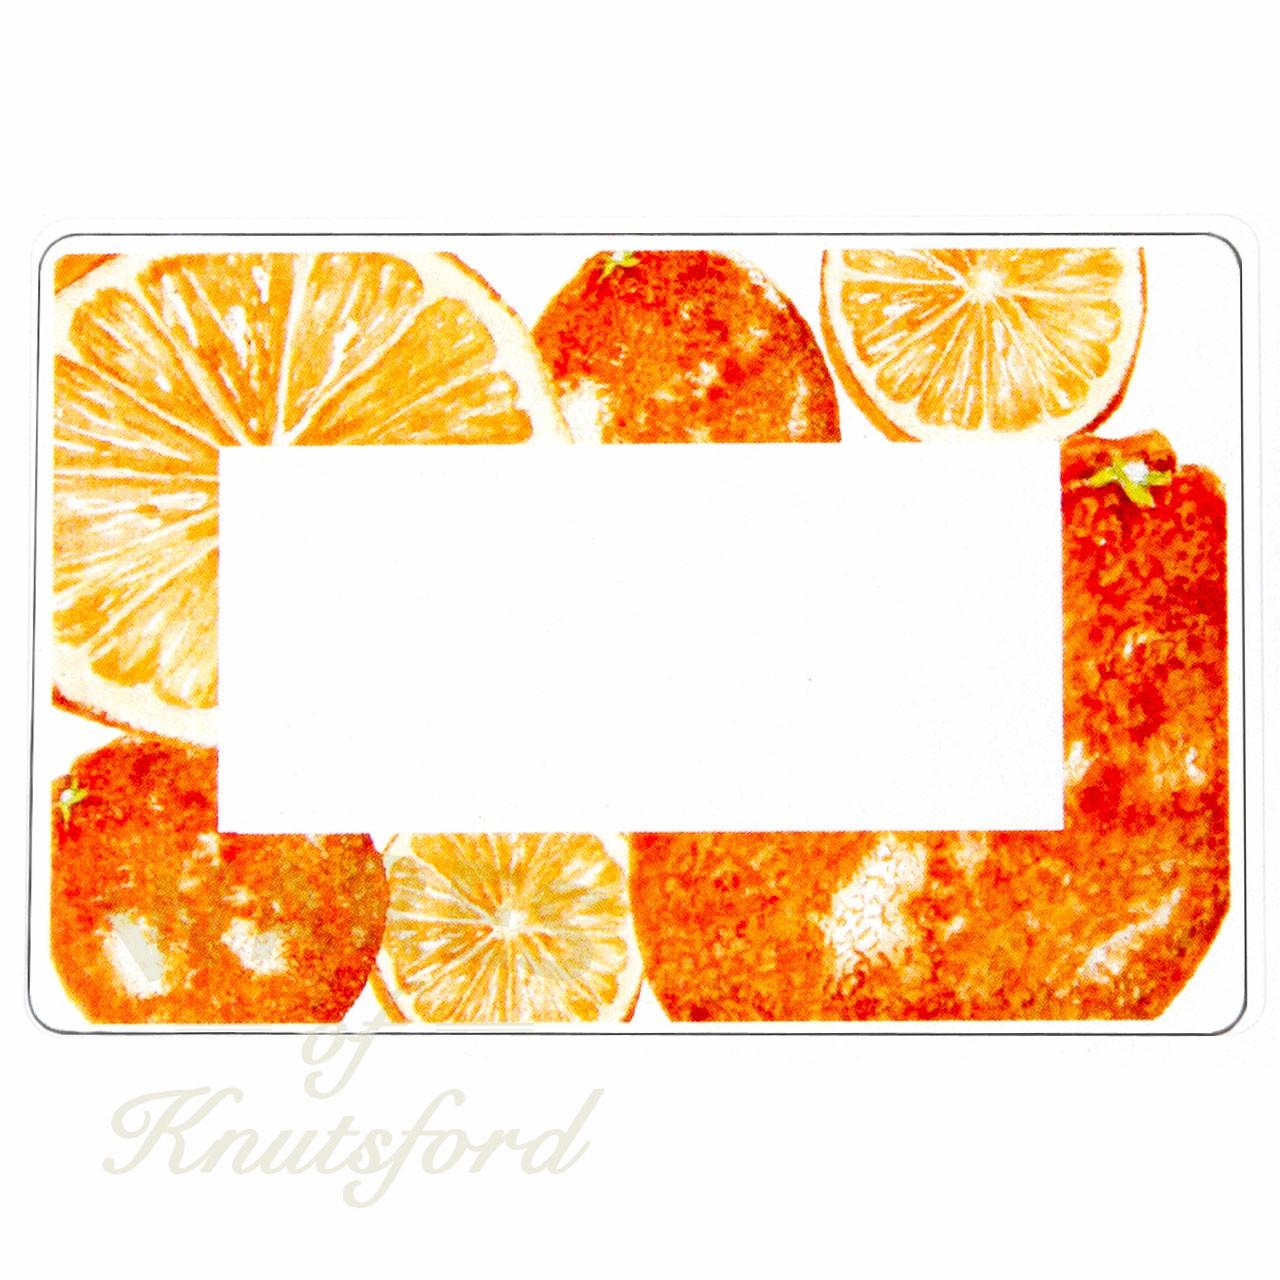 marmalade labels